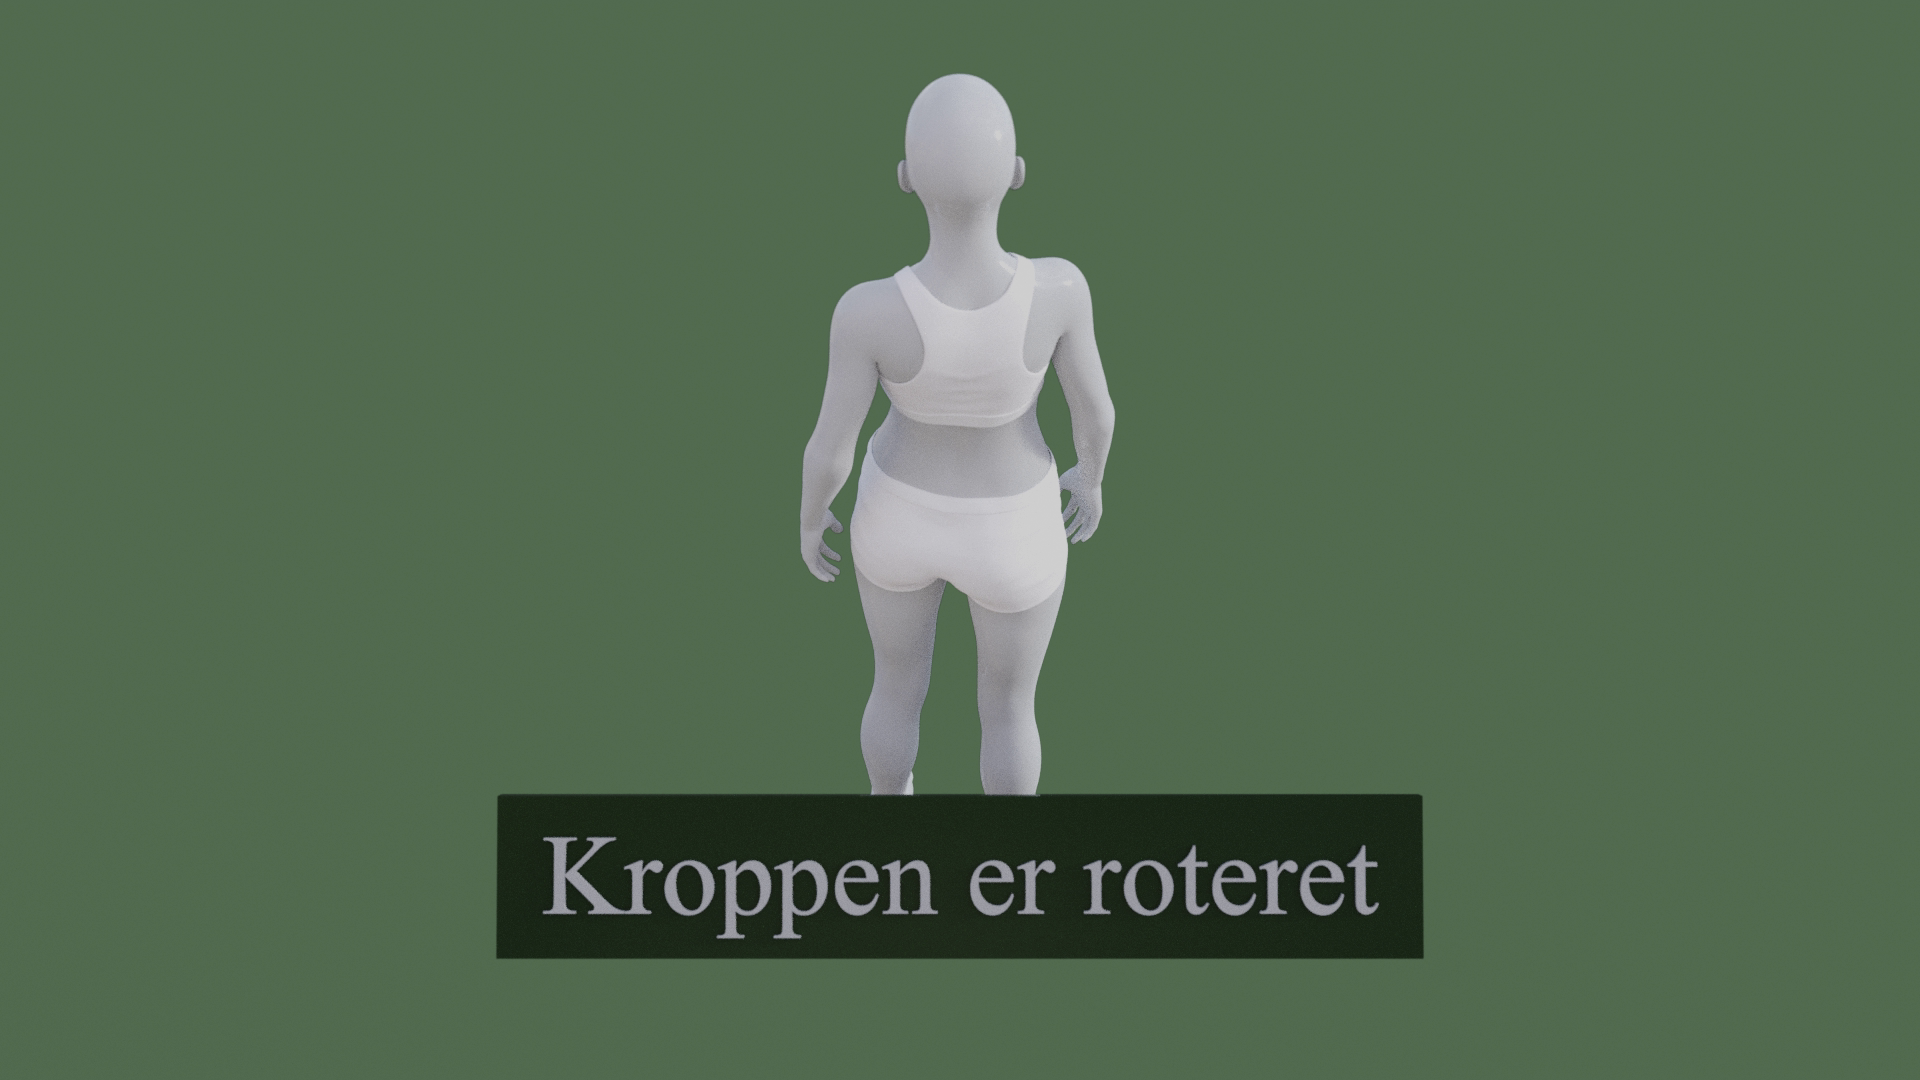 Billedet viser en 3D figur med en meget dårlig kropsholdning. Figuren har to kraftige rotationer i kroppen.